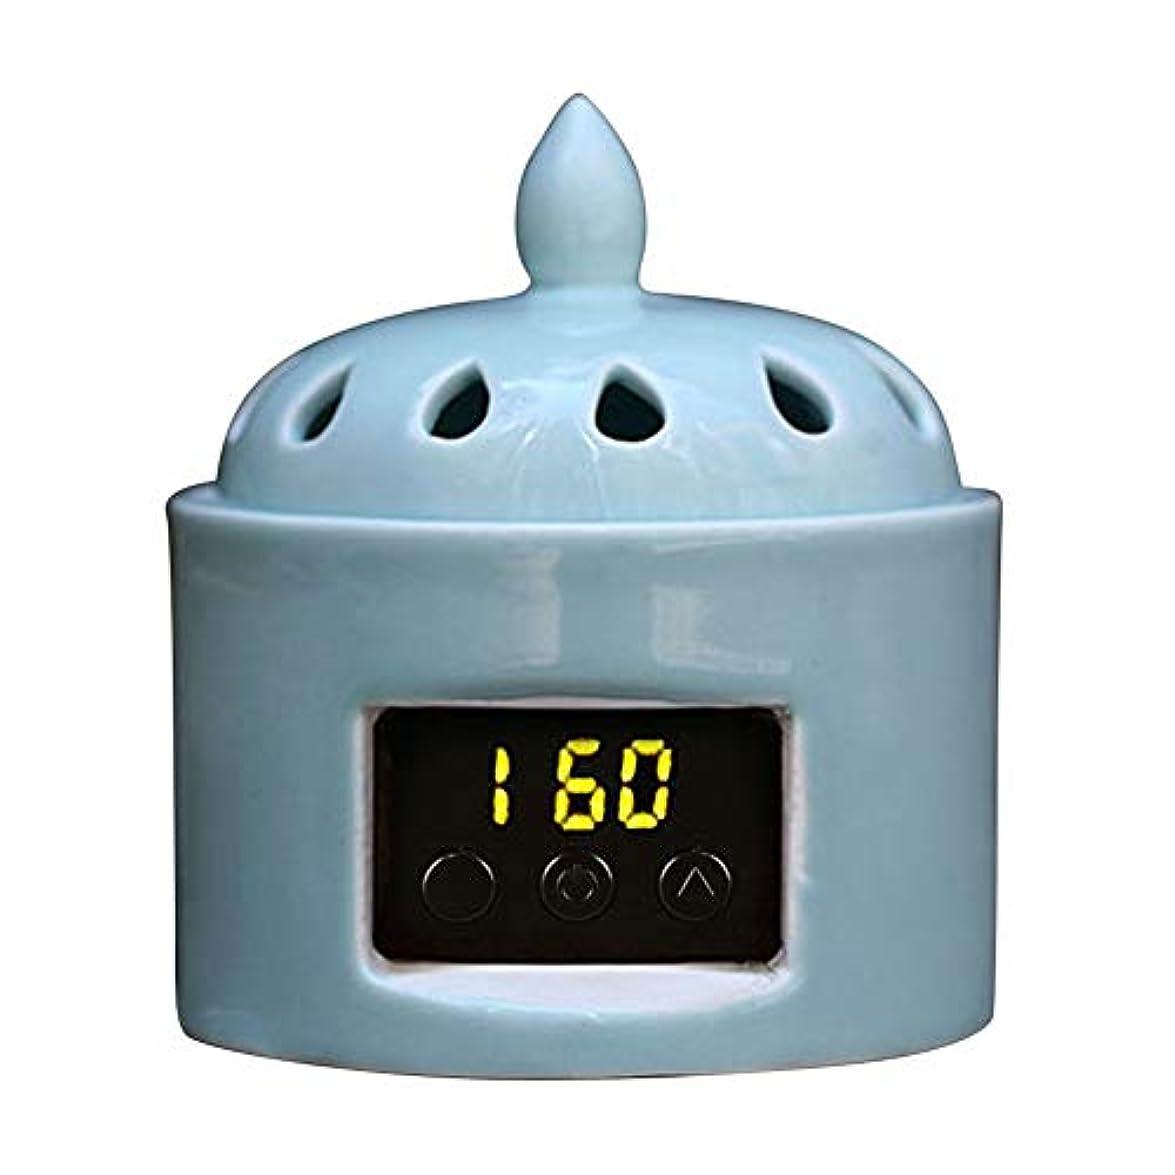 写真撮影のためにどっちでもアロマディフューザー LCD温度制御 香炉、 電気セラミック 寒天 エッセンシャルオイル アロマテラピーディフューザー、 ホーム磁器、 バルコニー、 ポーチ、 パティオ、 ガーデンエッセンシャル セラミック電気香炉